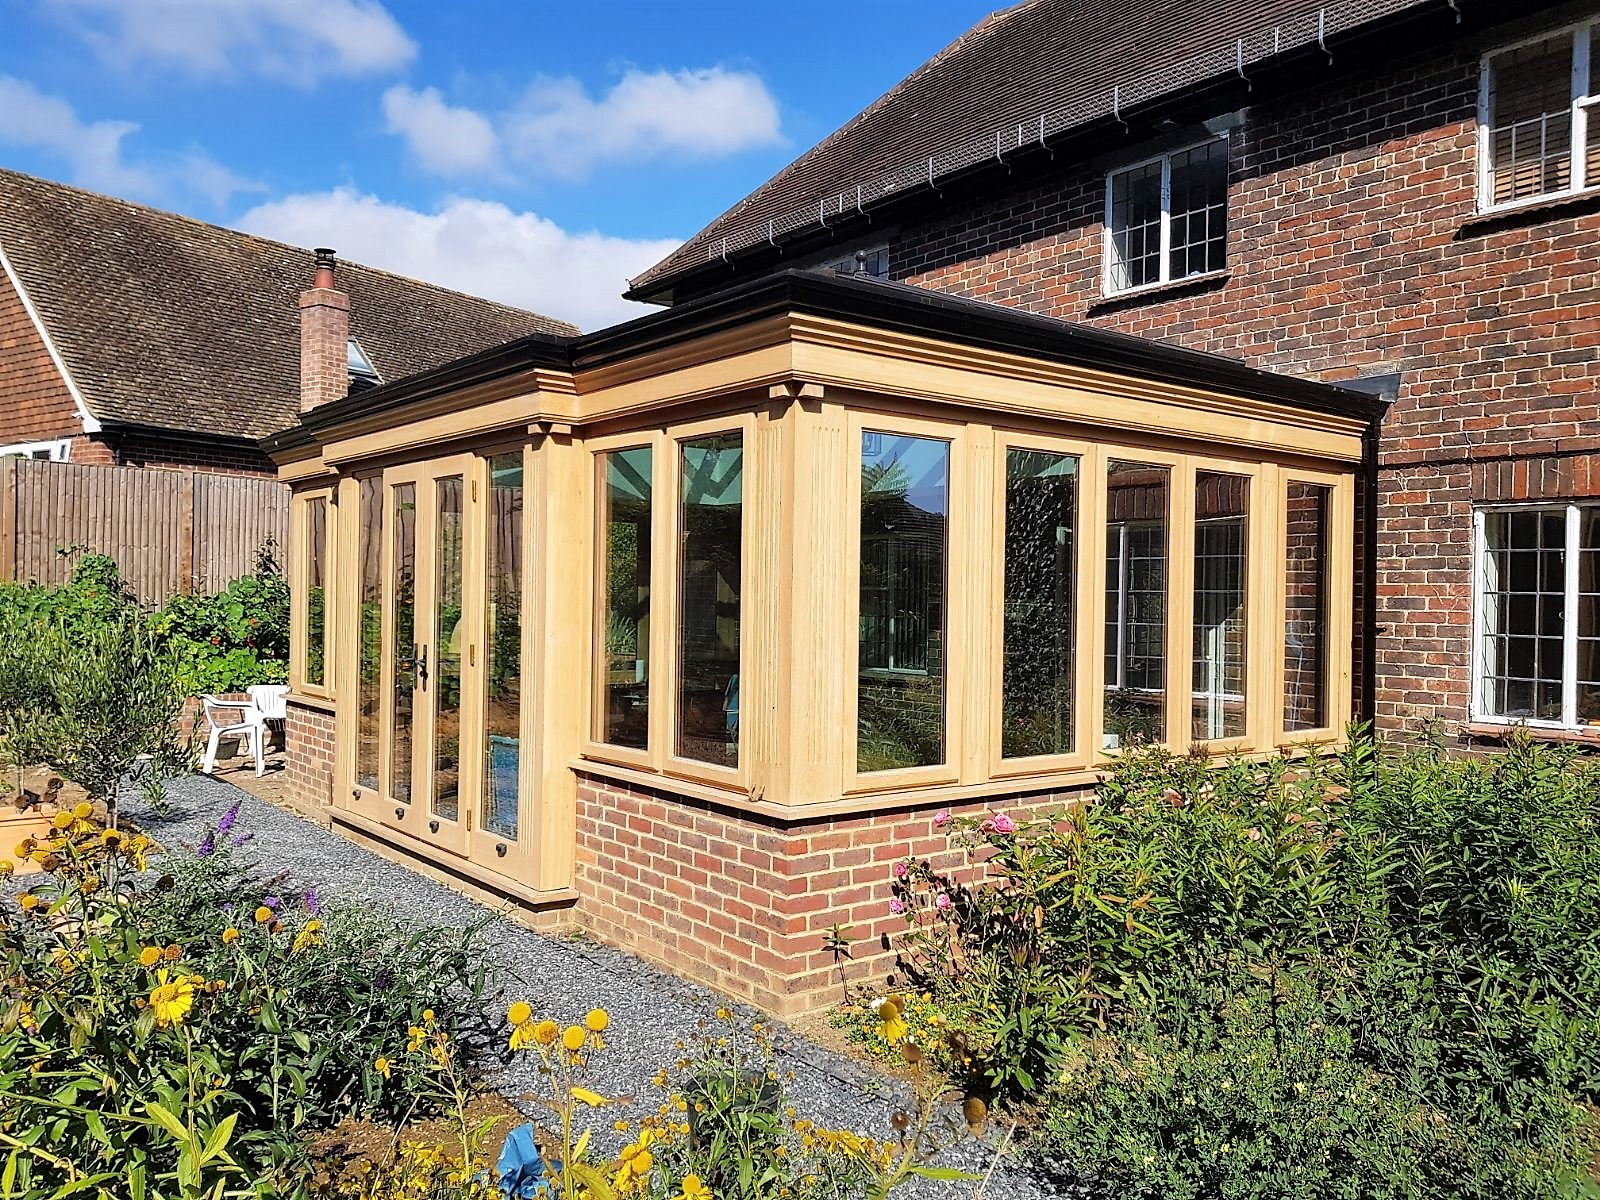 oak framed orangery extensions in Kent